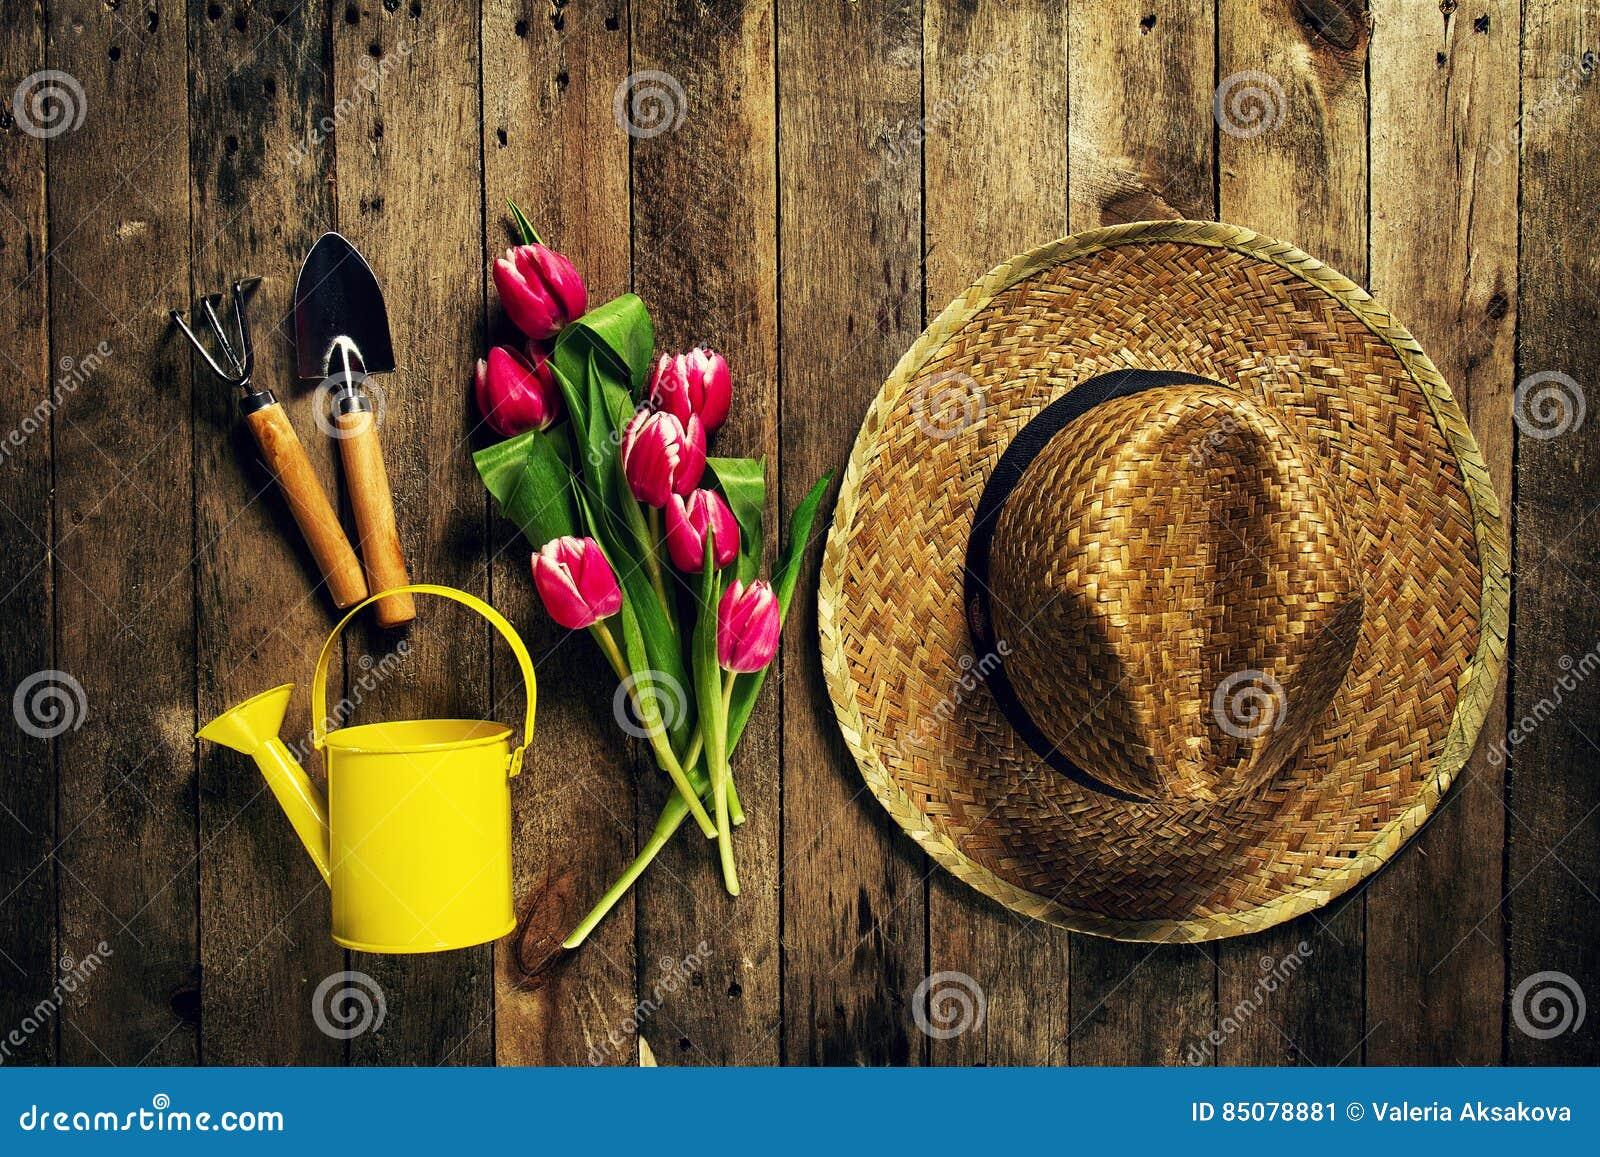 Strumenti di giardinaggio fiori annaffiatoio stivali di for Giardinaggio e fiori